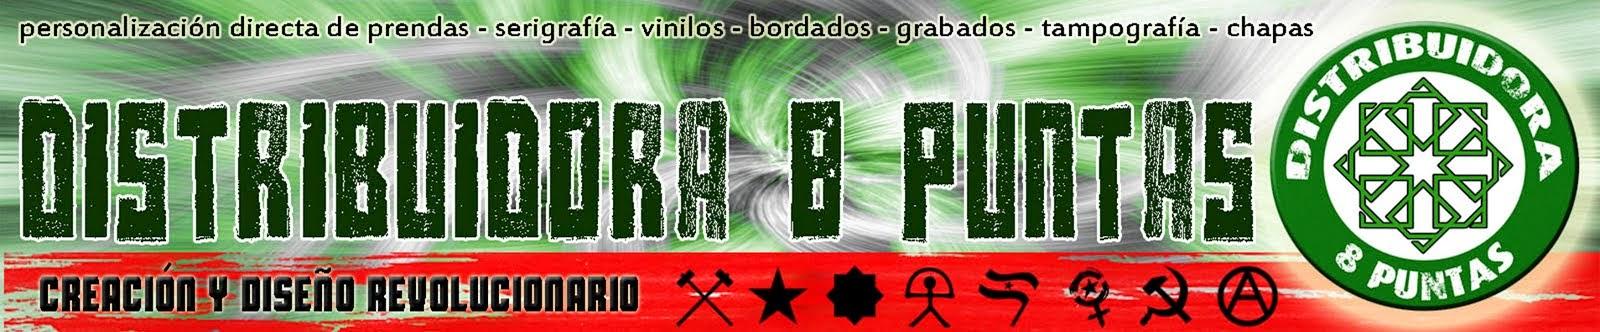 Distribuidora 8 Puntas / El Zoco Andaluz